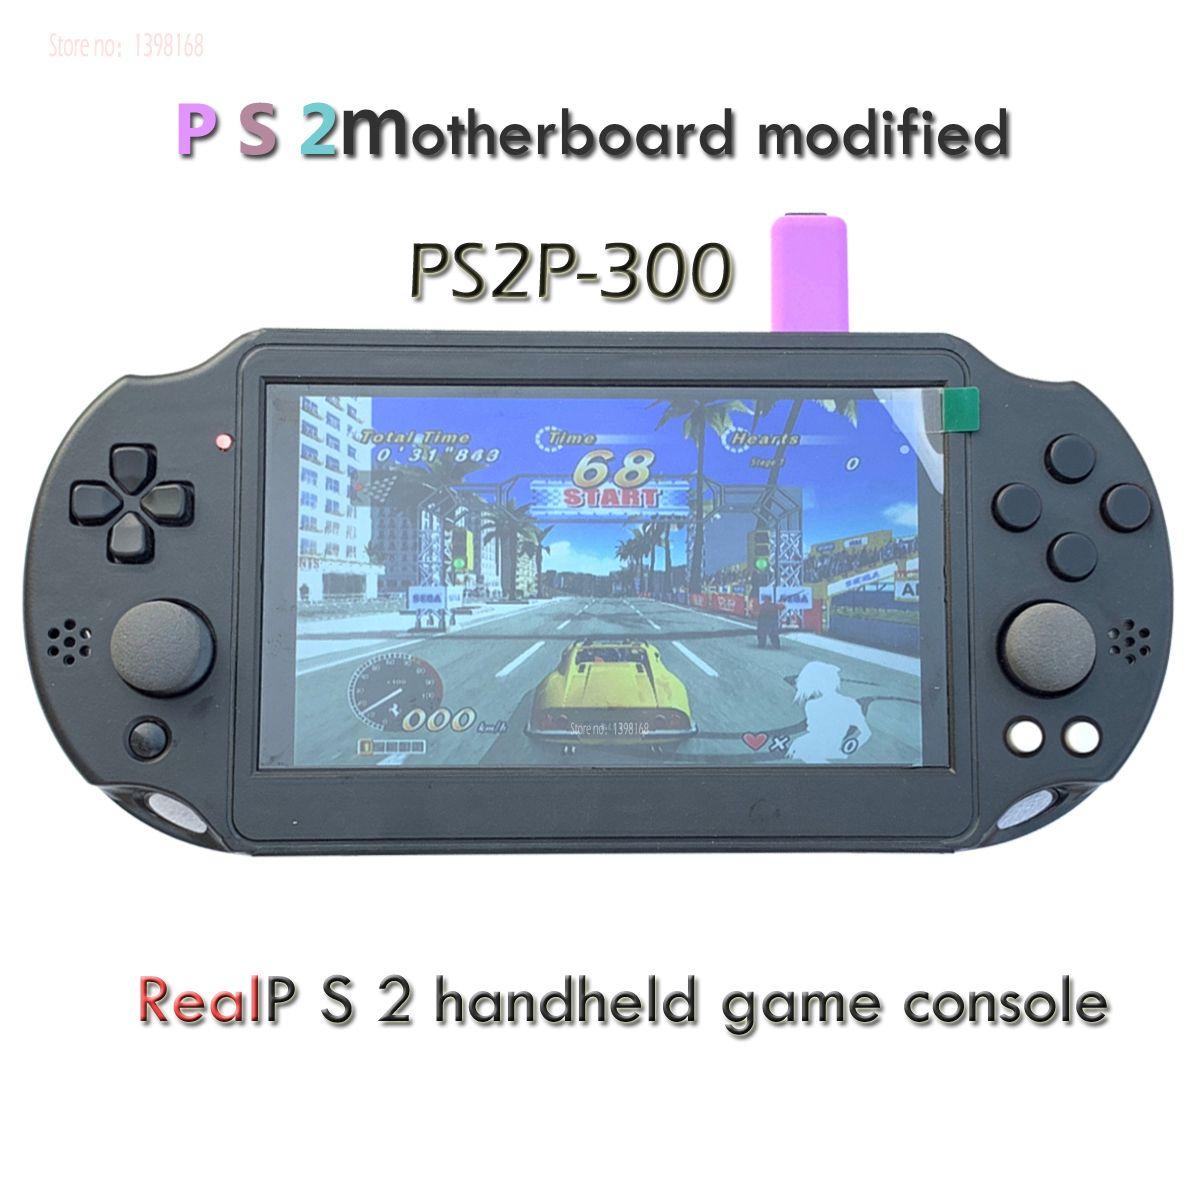 7 inch IPS für P/S2 Tragbare Arcade Spieler Sammlung/Geändert durch P/S2 motherboard Nicht simulator doppel joystick Modell: PS2P-300